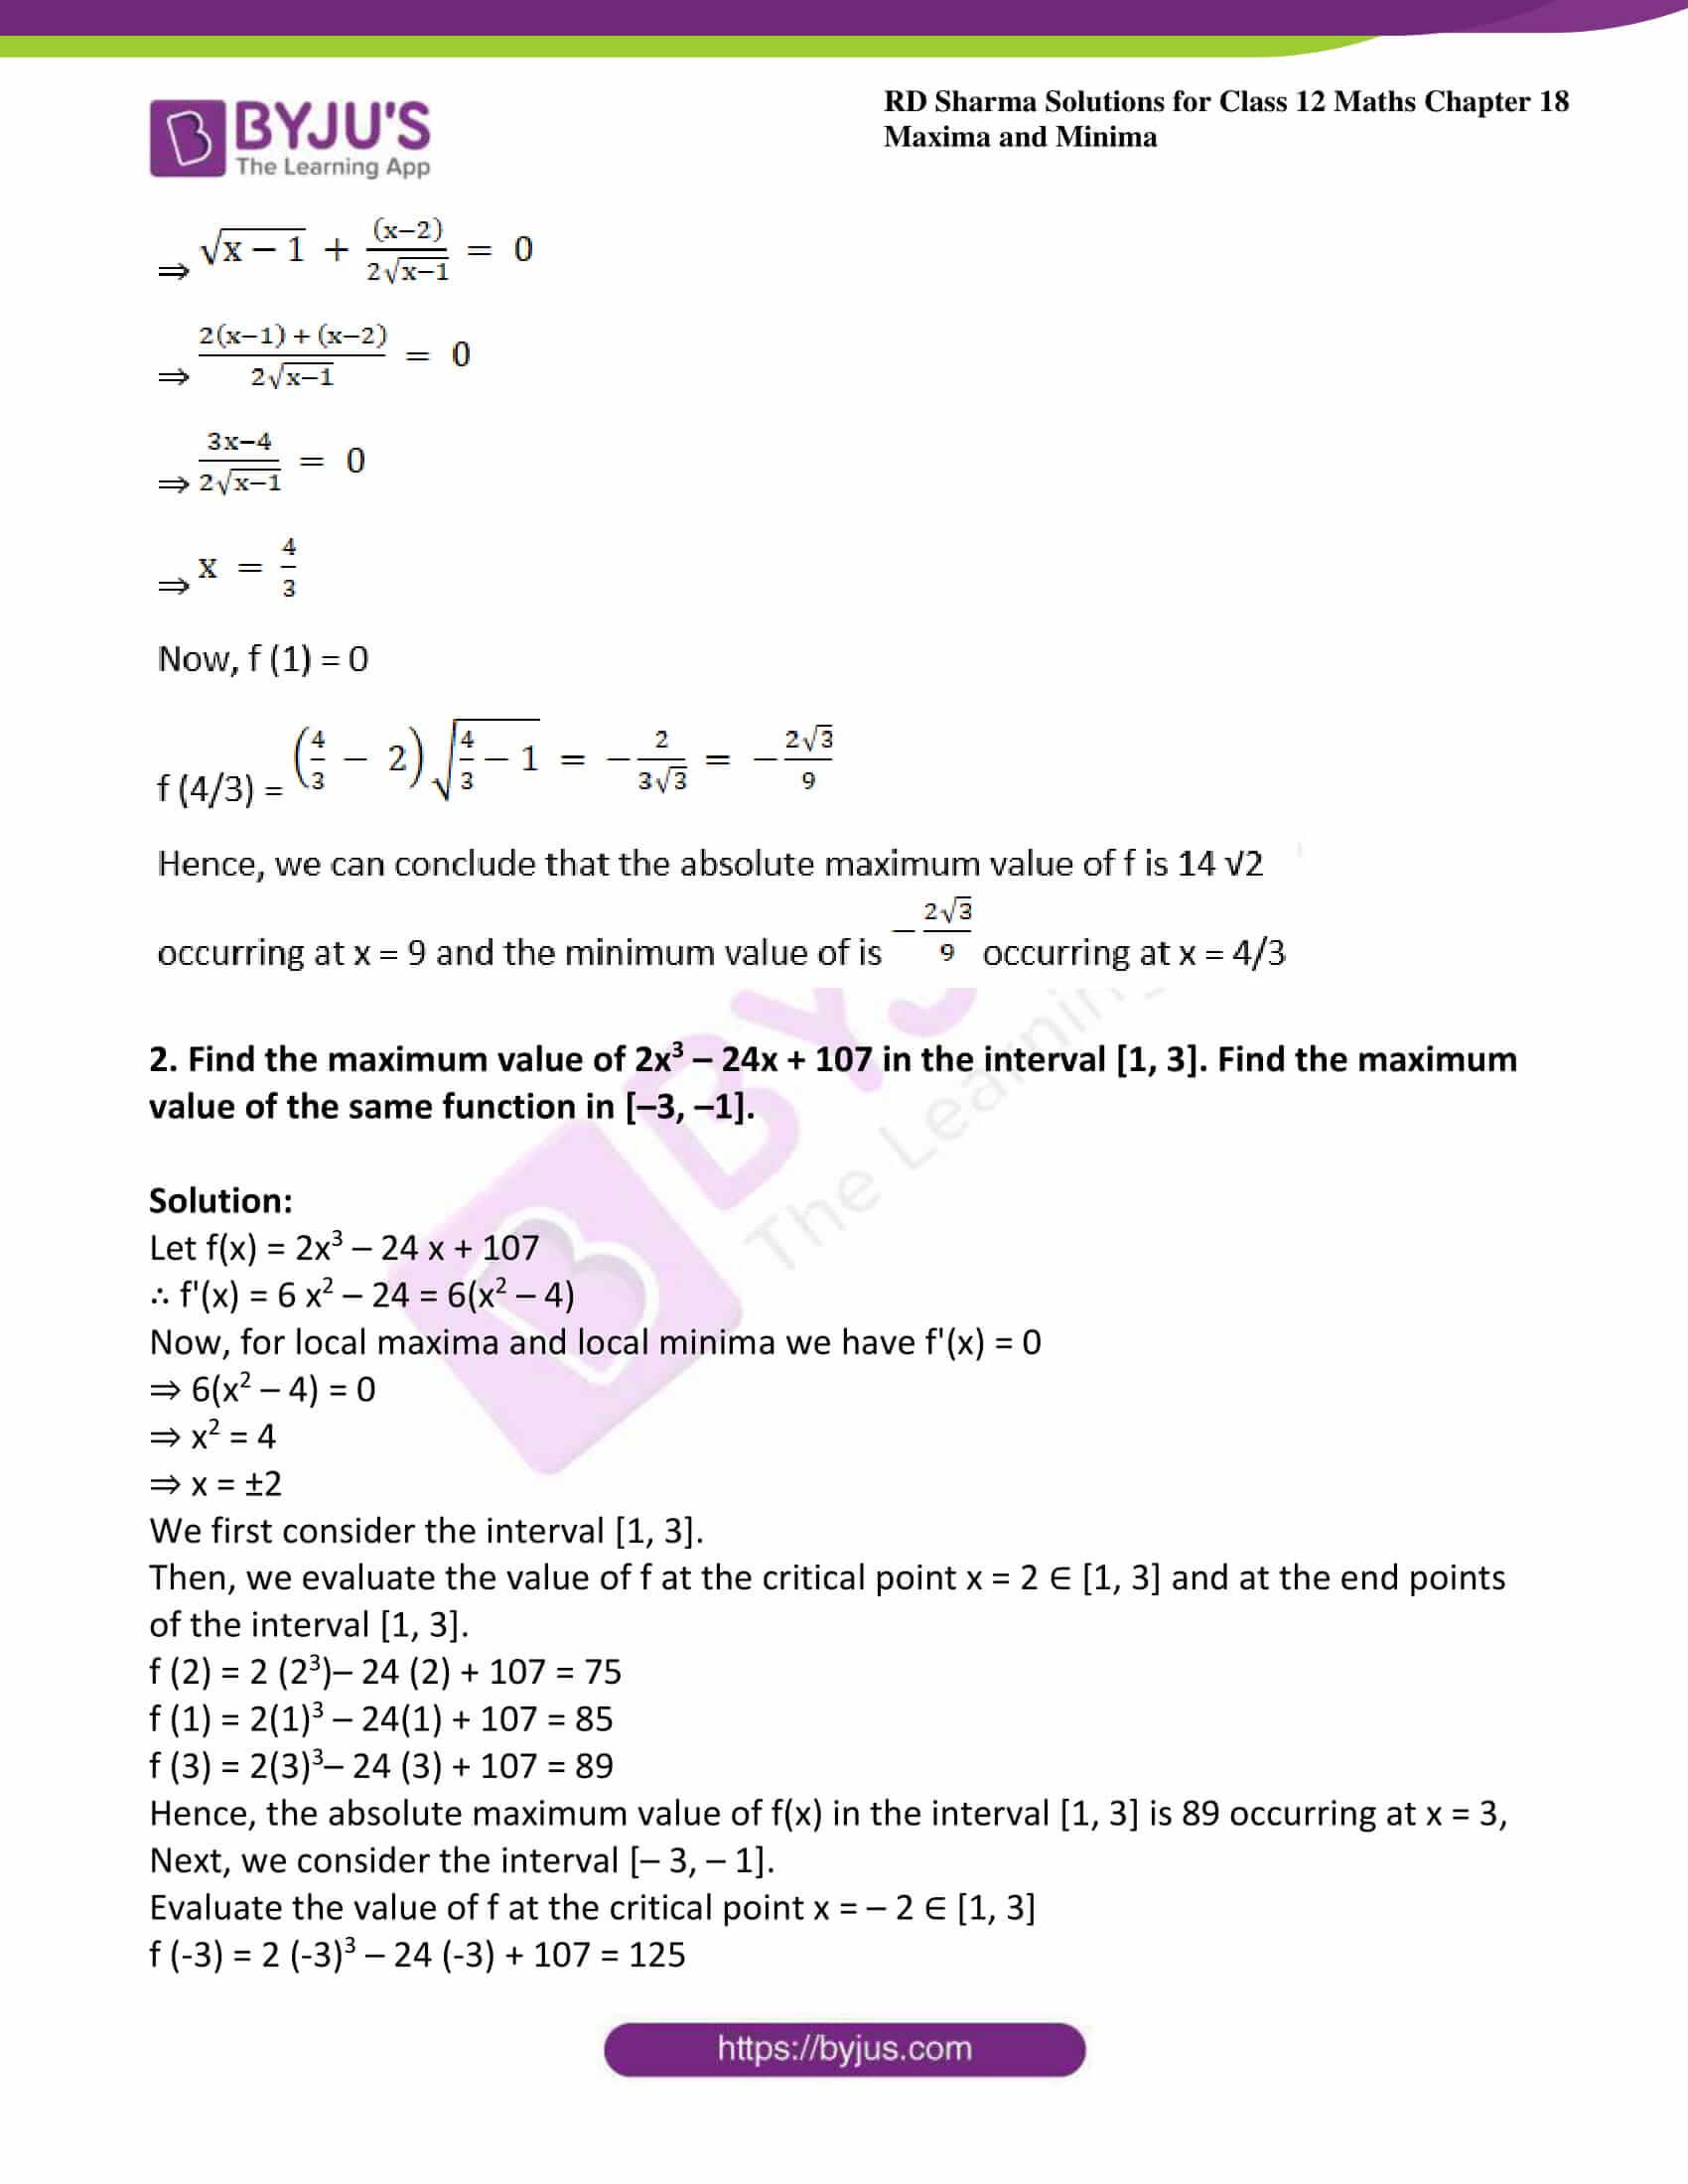 rd sharma class 12 maths sol chap 18 ex 4 3